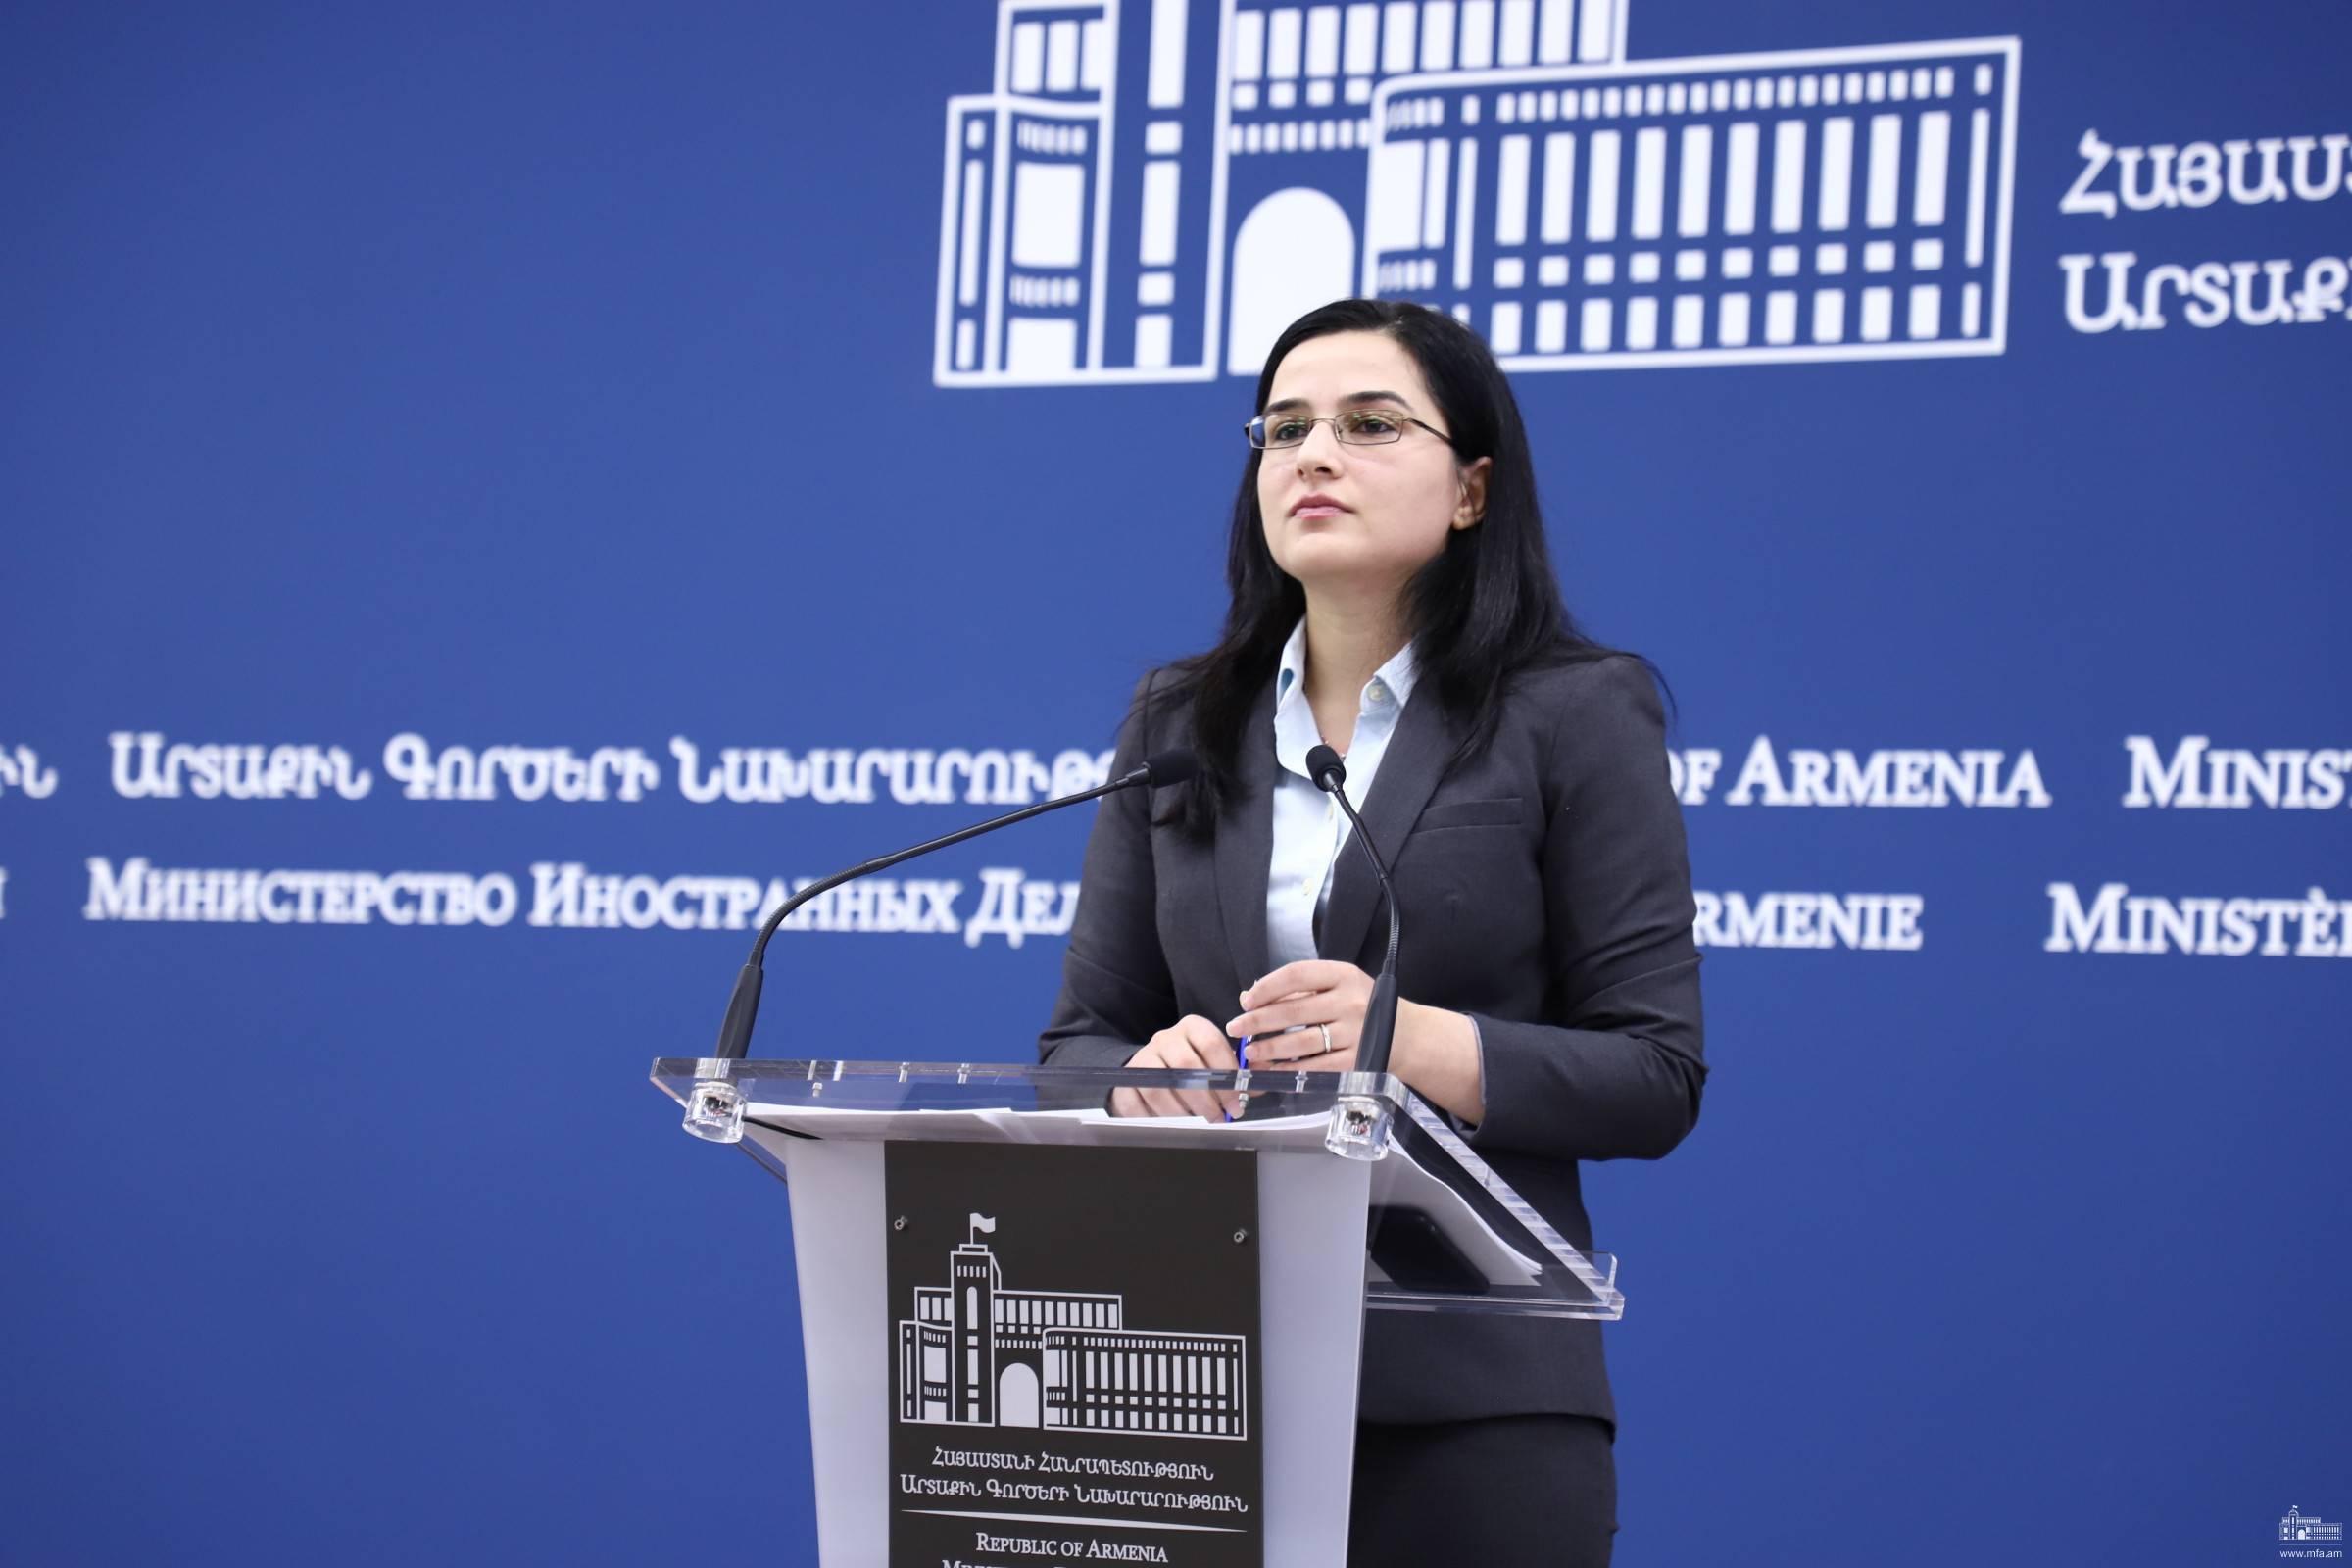 Заявление пресс-секретаря МИД относительно комментария Министра иностранных дел РФ на заседании международного дискуссионного клуба «Валдай»